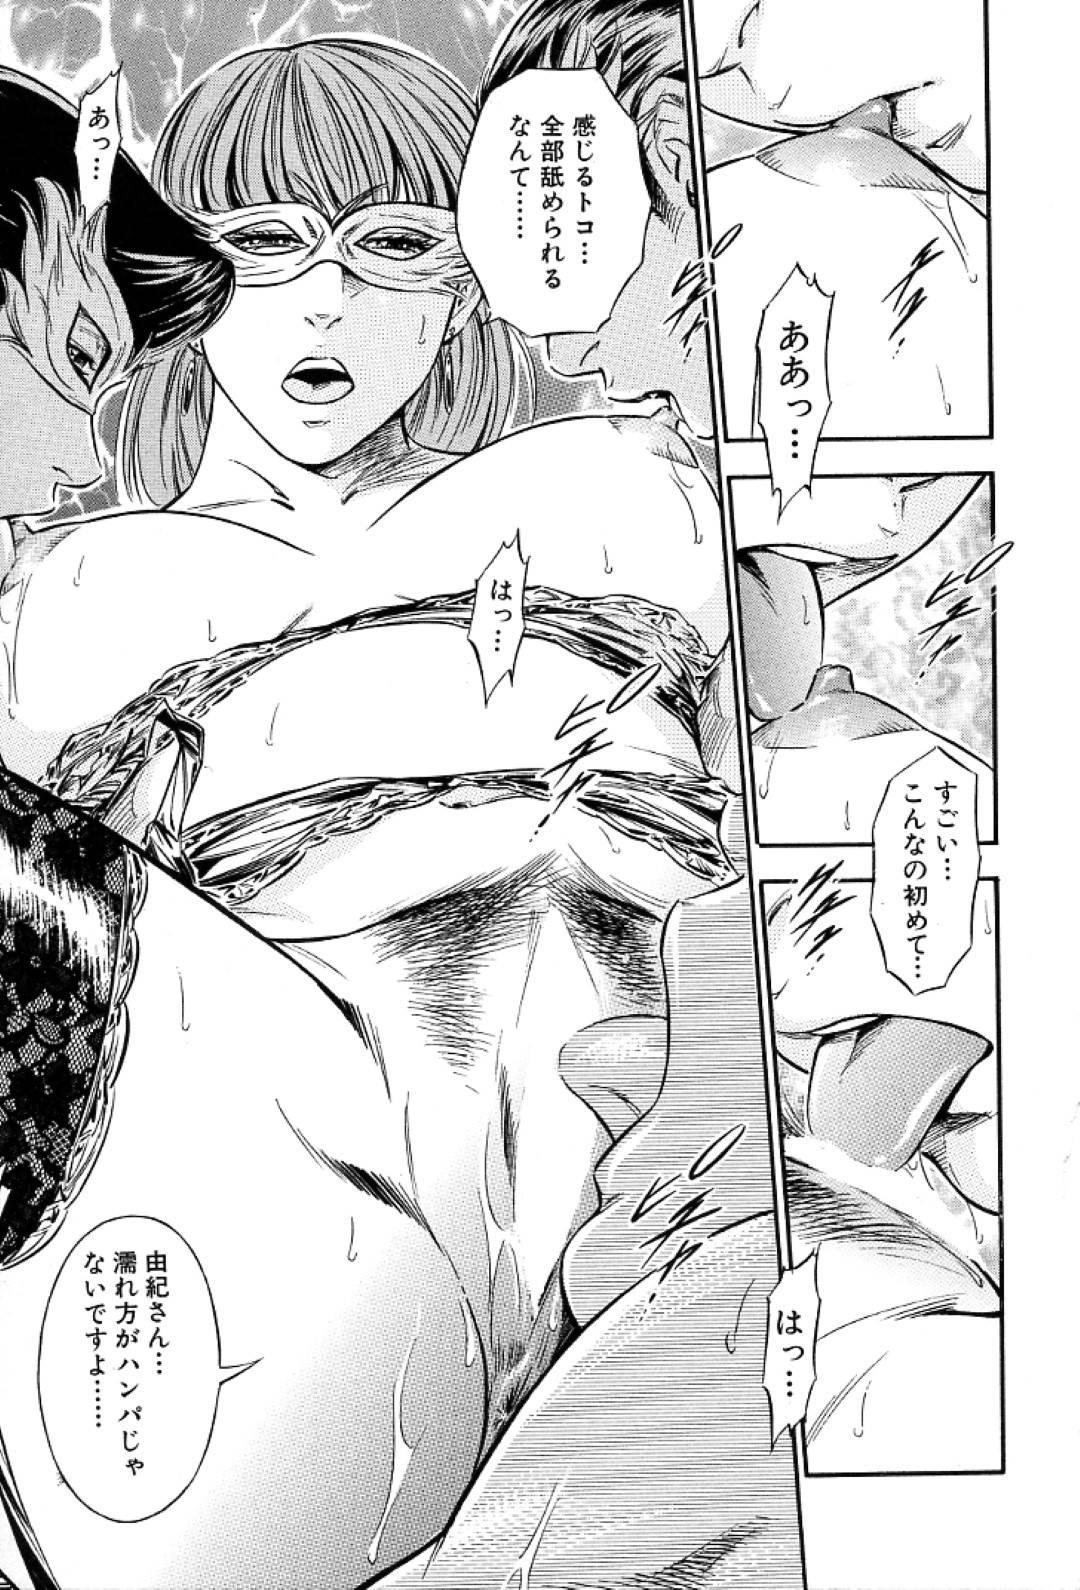 【エロ漫画】不倫している旦那が参加している乱交パーティーに飛び入りでこっそり参加した巨乳人妻。彼女は旦那に復讐をするため、彼の目の前で他人チンポをセックスしてヨガりまくる。